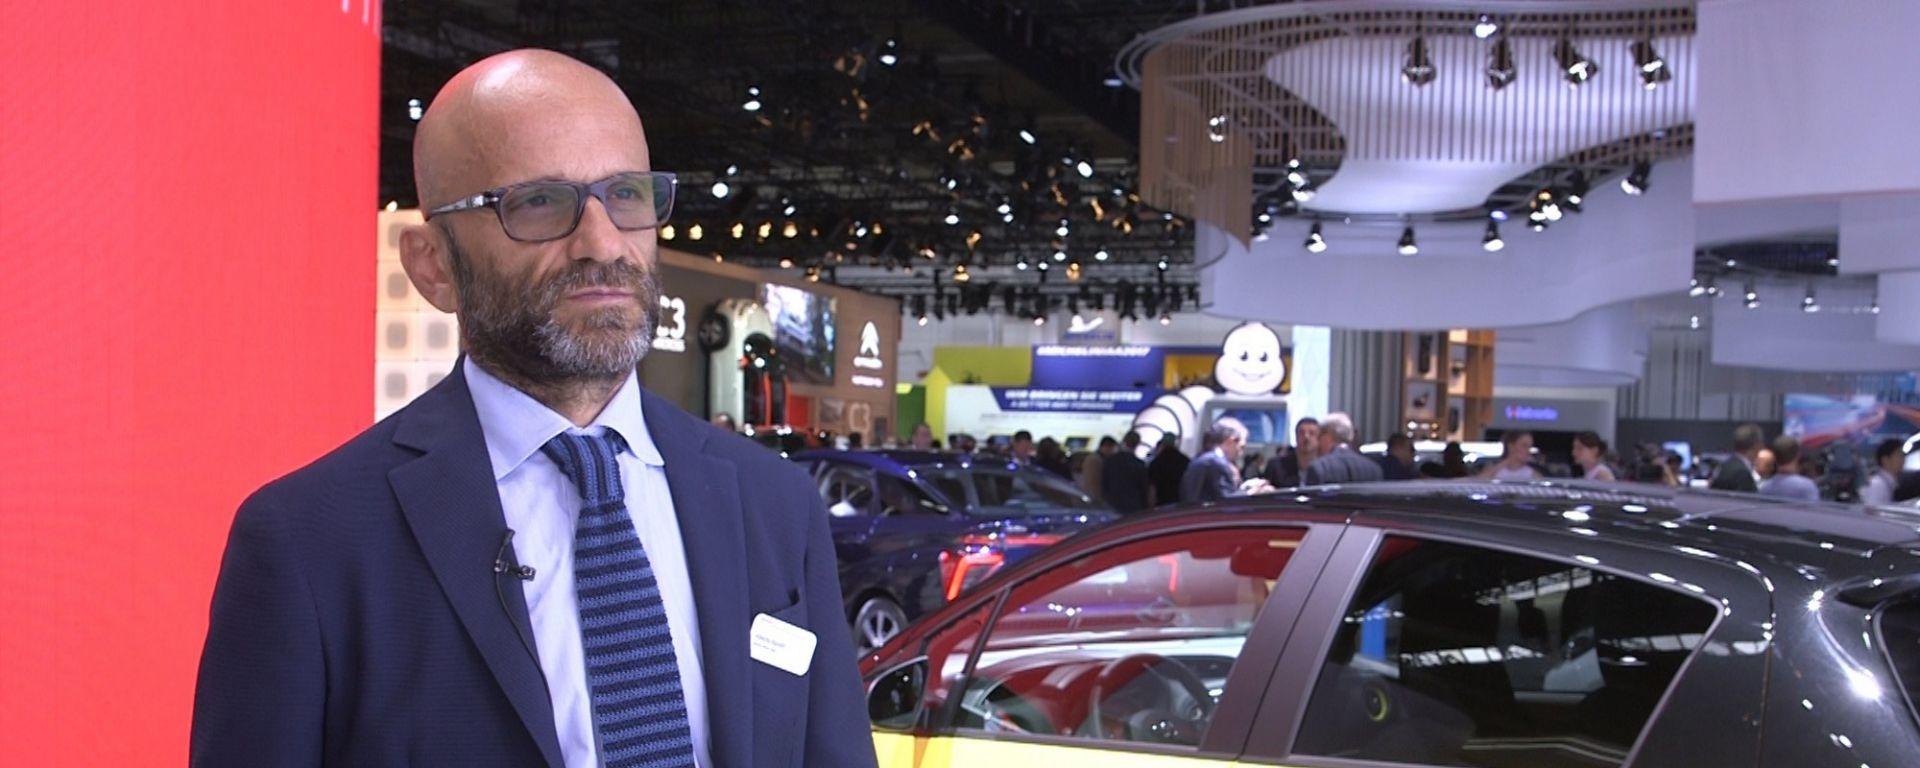 Le novità Toyota raccontate da Alberto Santilli, Marketing Strategy e Communication Director di Toyota Italia